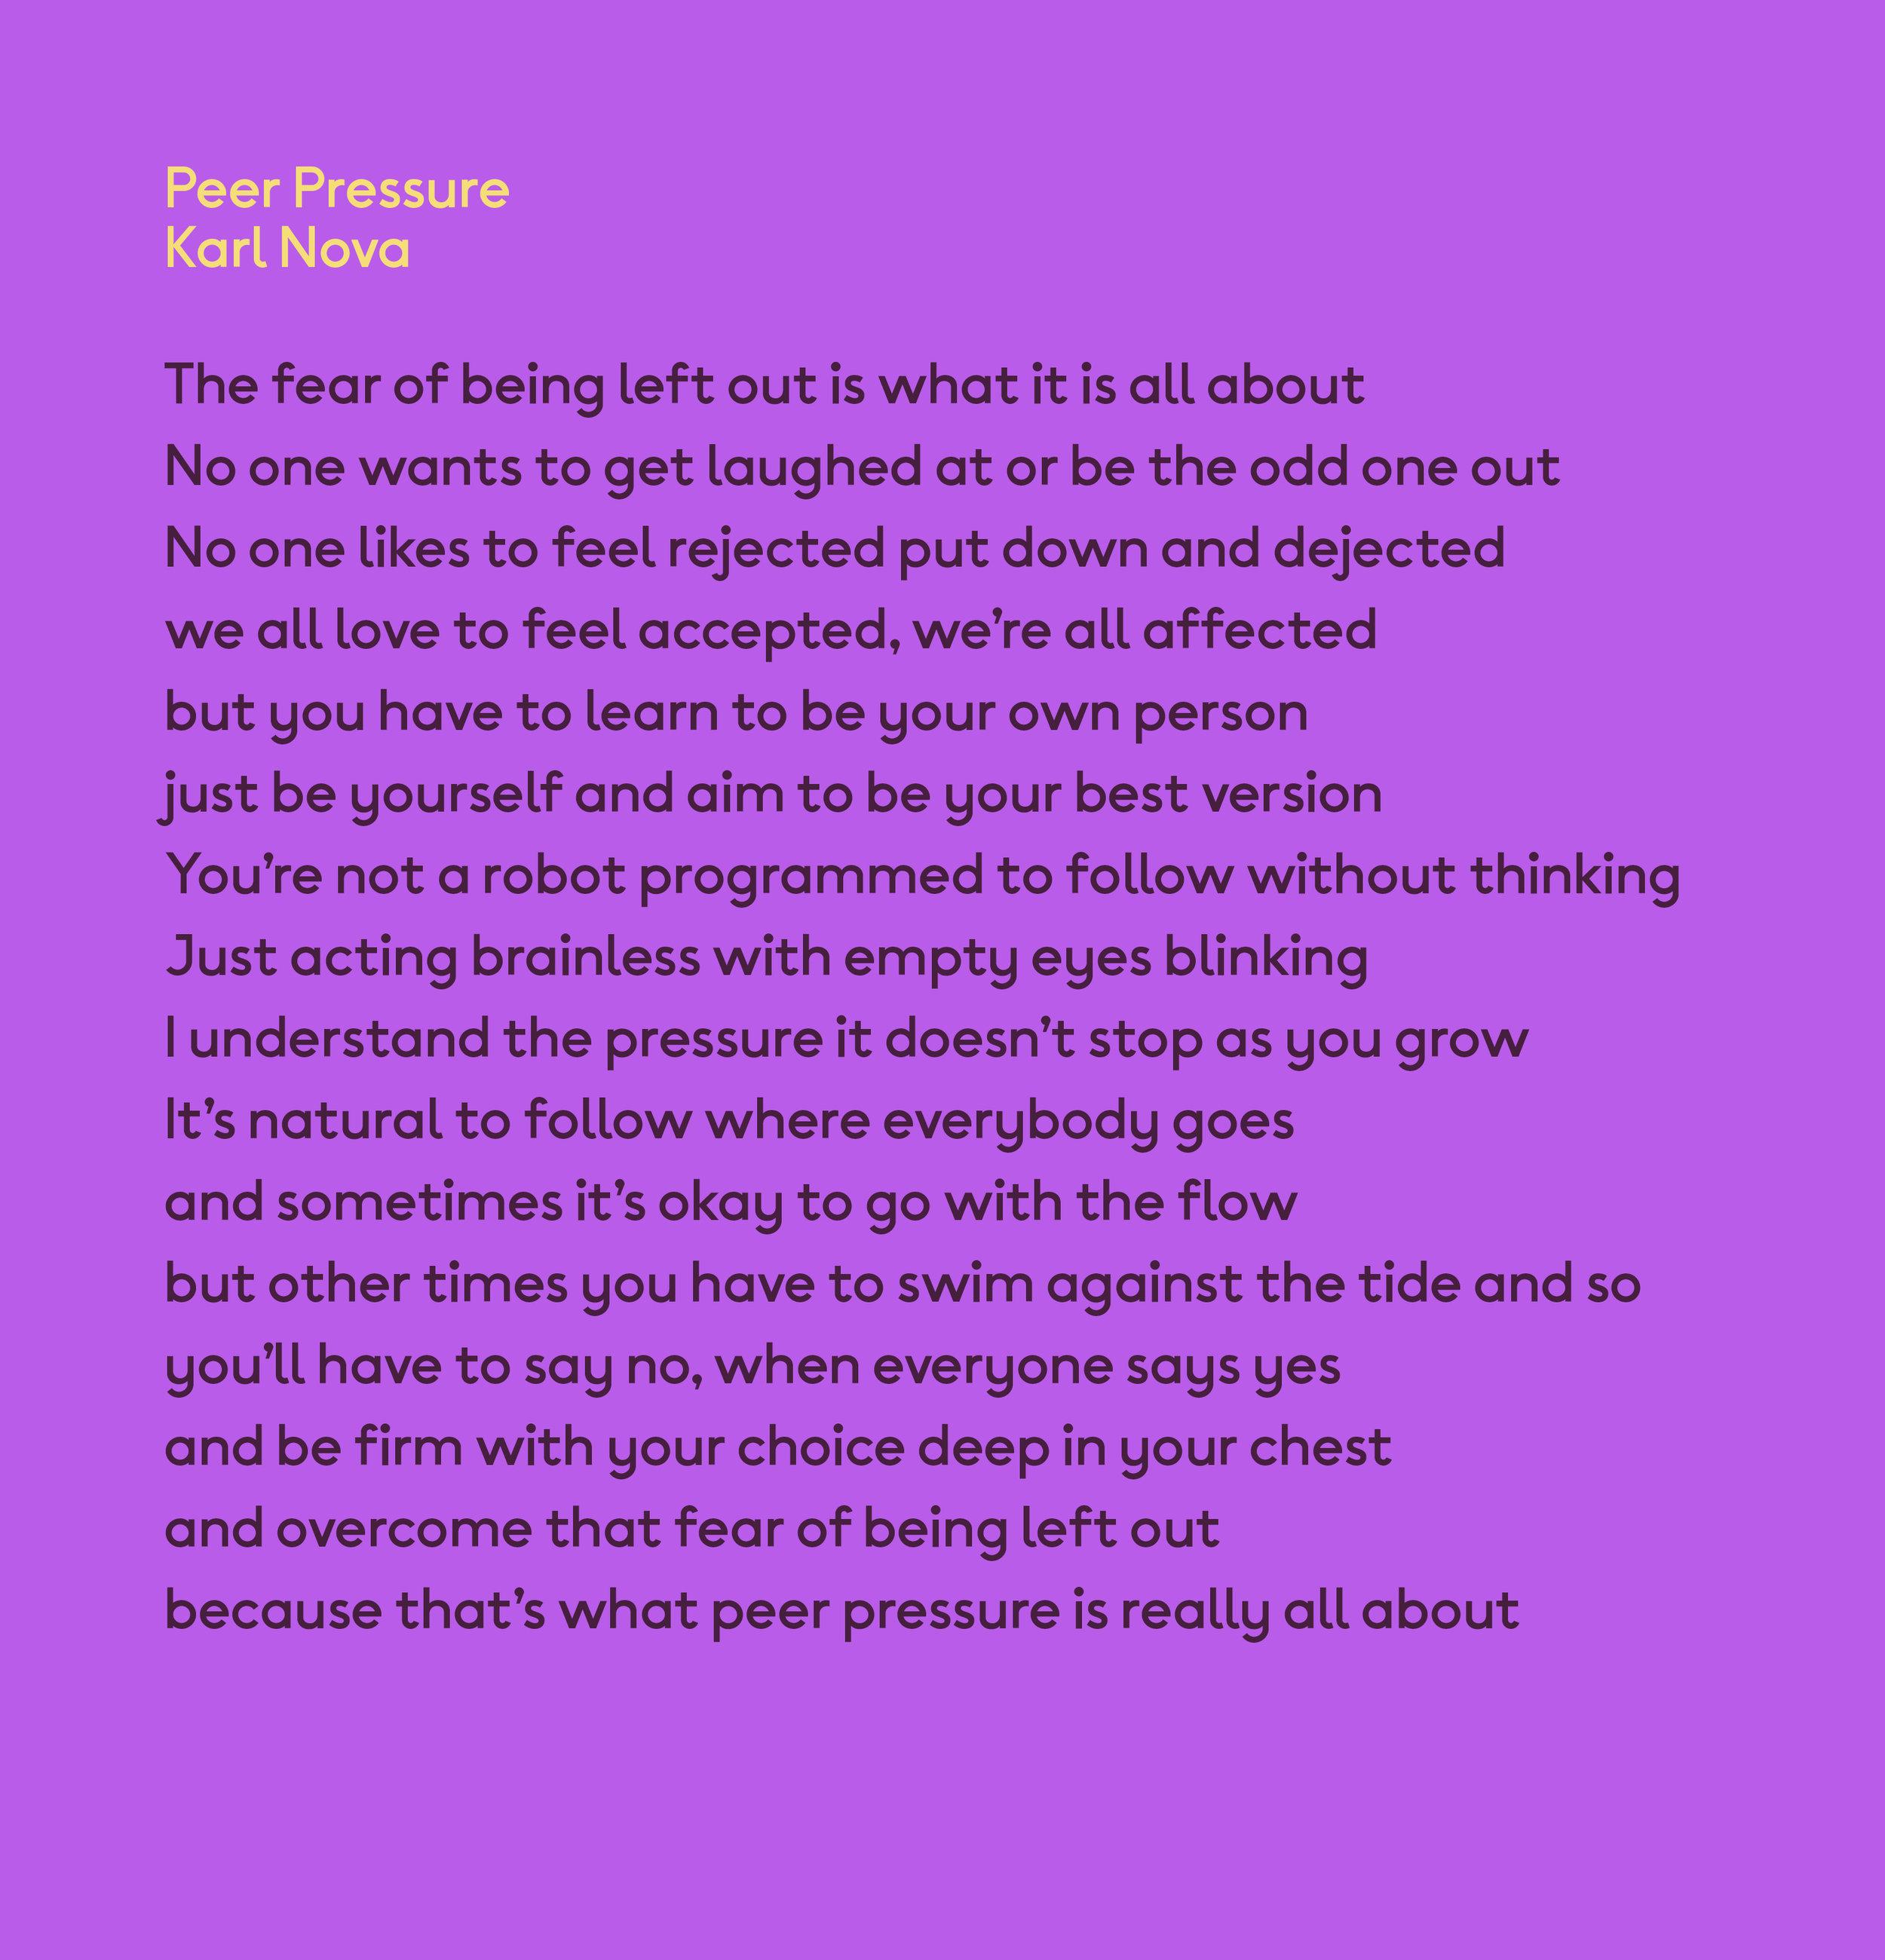 Karl Nova Poem.jpg